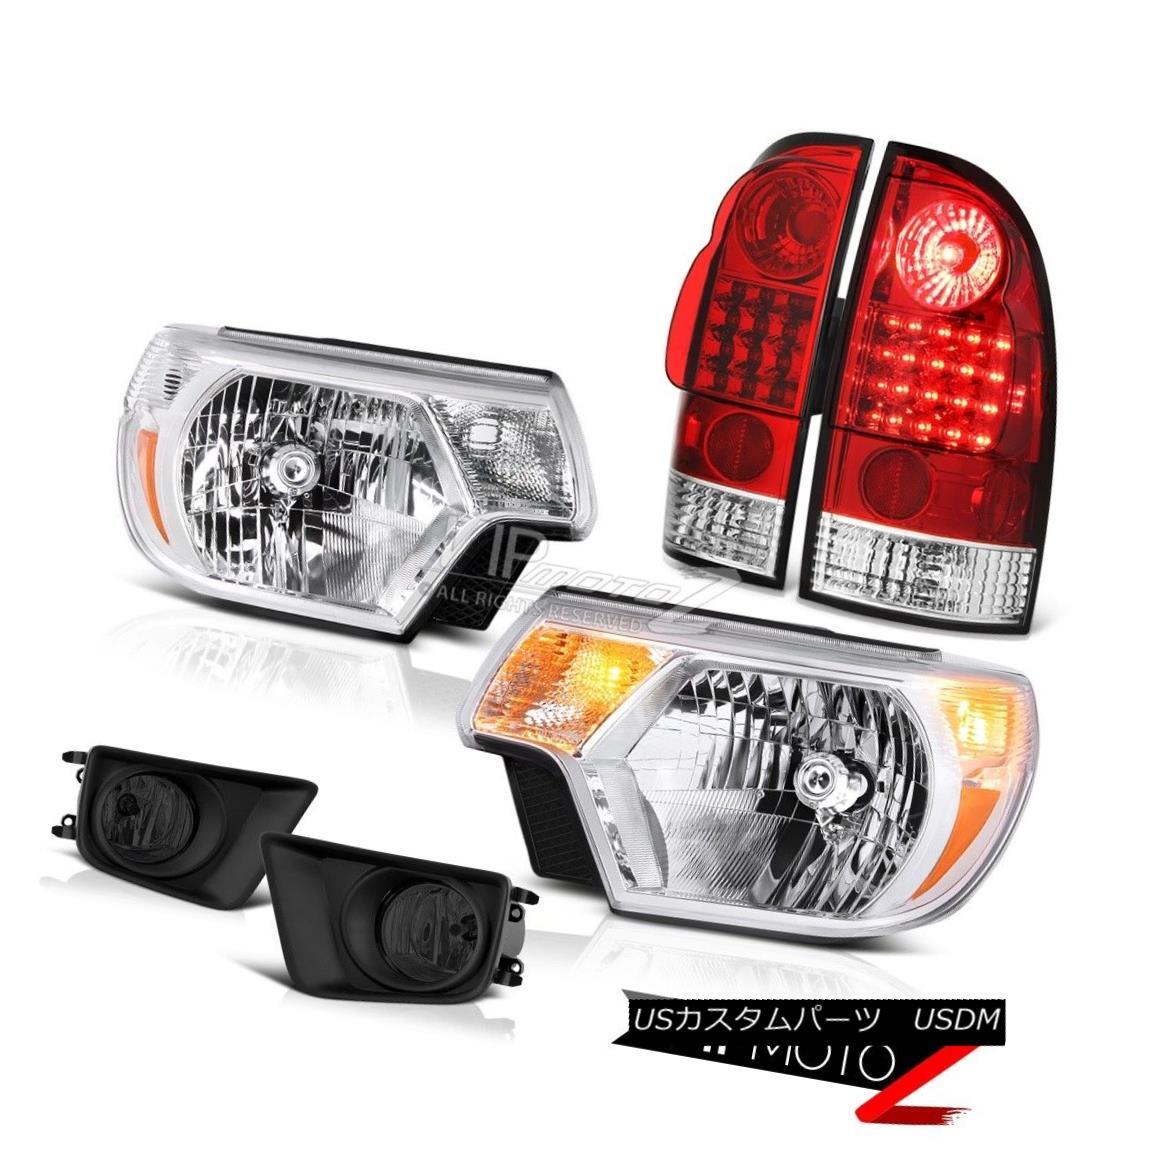 ヘッドライト 2012-2015 Toyota Tacoma 4X4 Fog lights headlights tail lamps Factory Style SMD 2012-2015トヨタタコマ4X4フォグライトヘッドライトテールランプ工場スタイルSMD